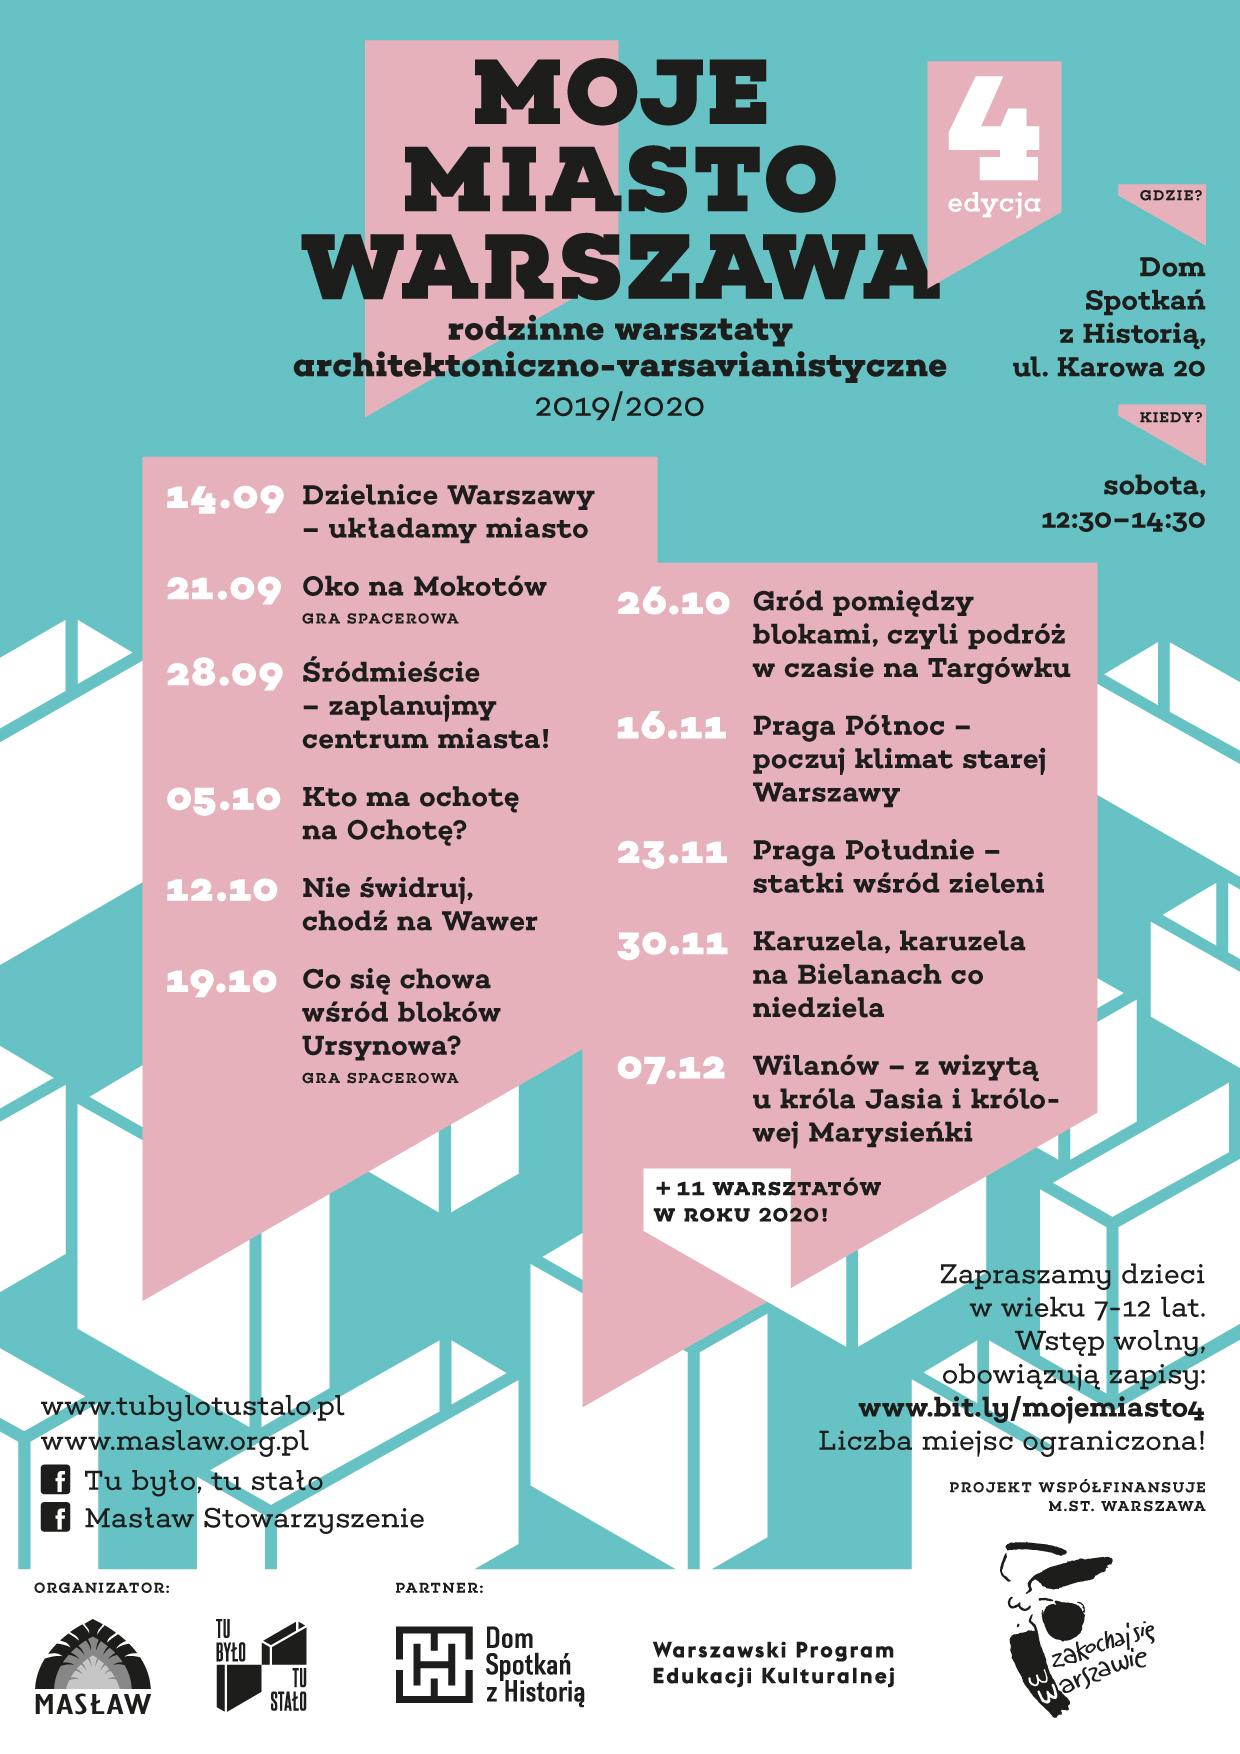 2019 MojeMiastoWarszawa